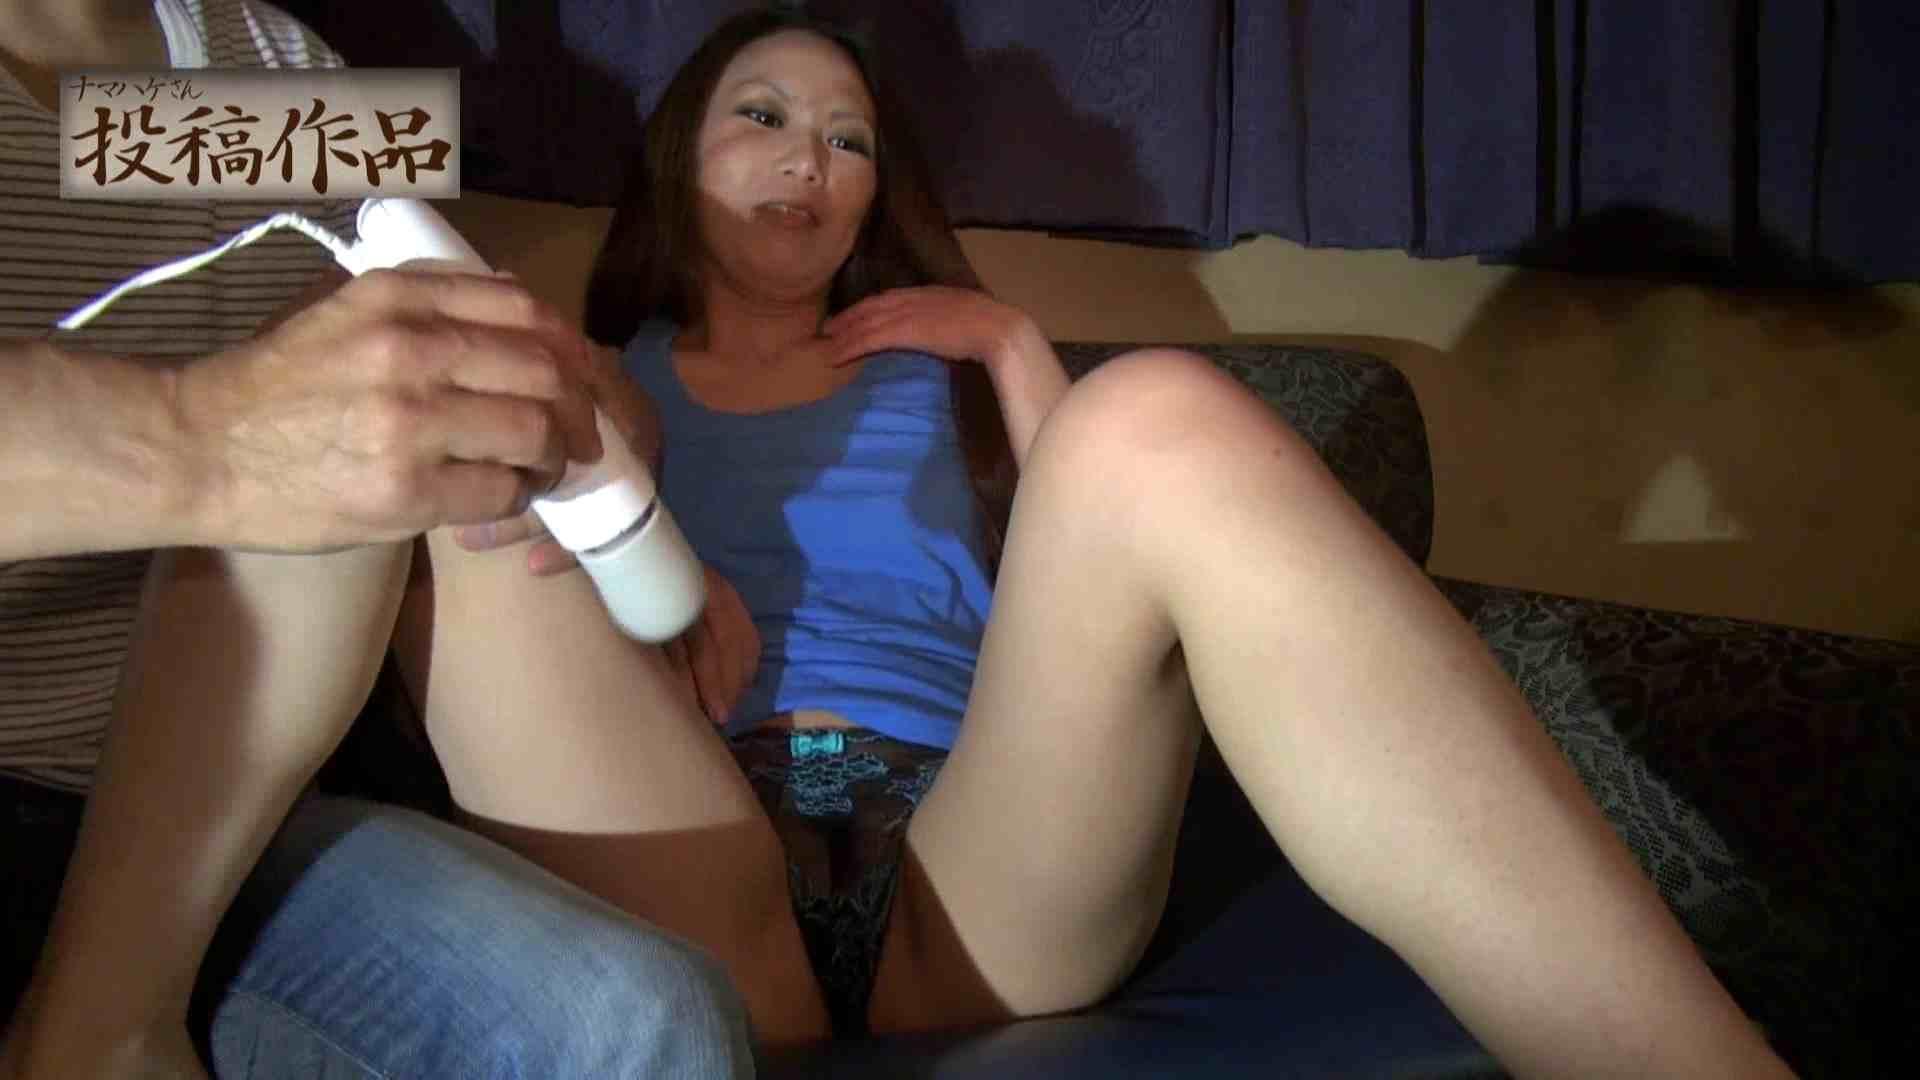 ナマハゲさんのまんこコレクション airi 一般投稿 セックス無修正動画無料 63pic 7